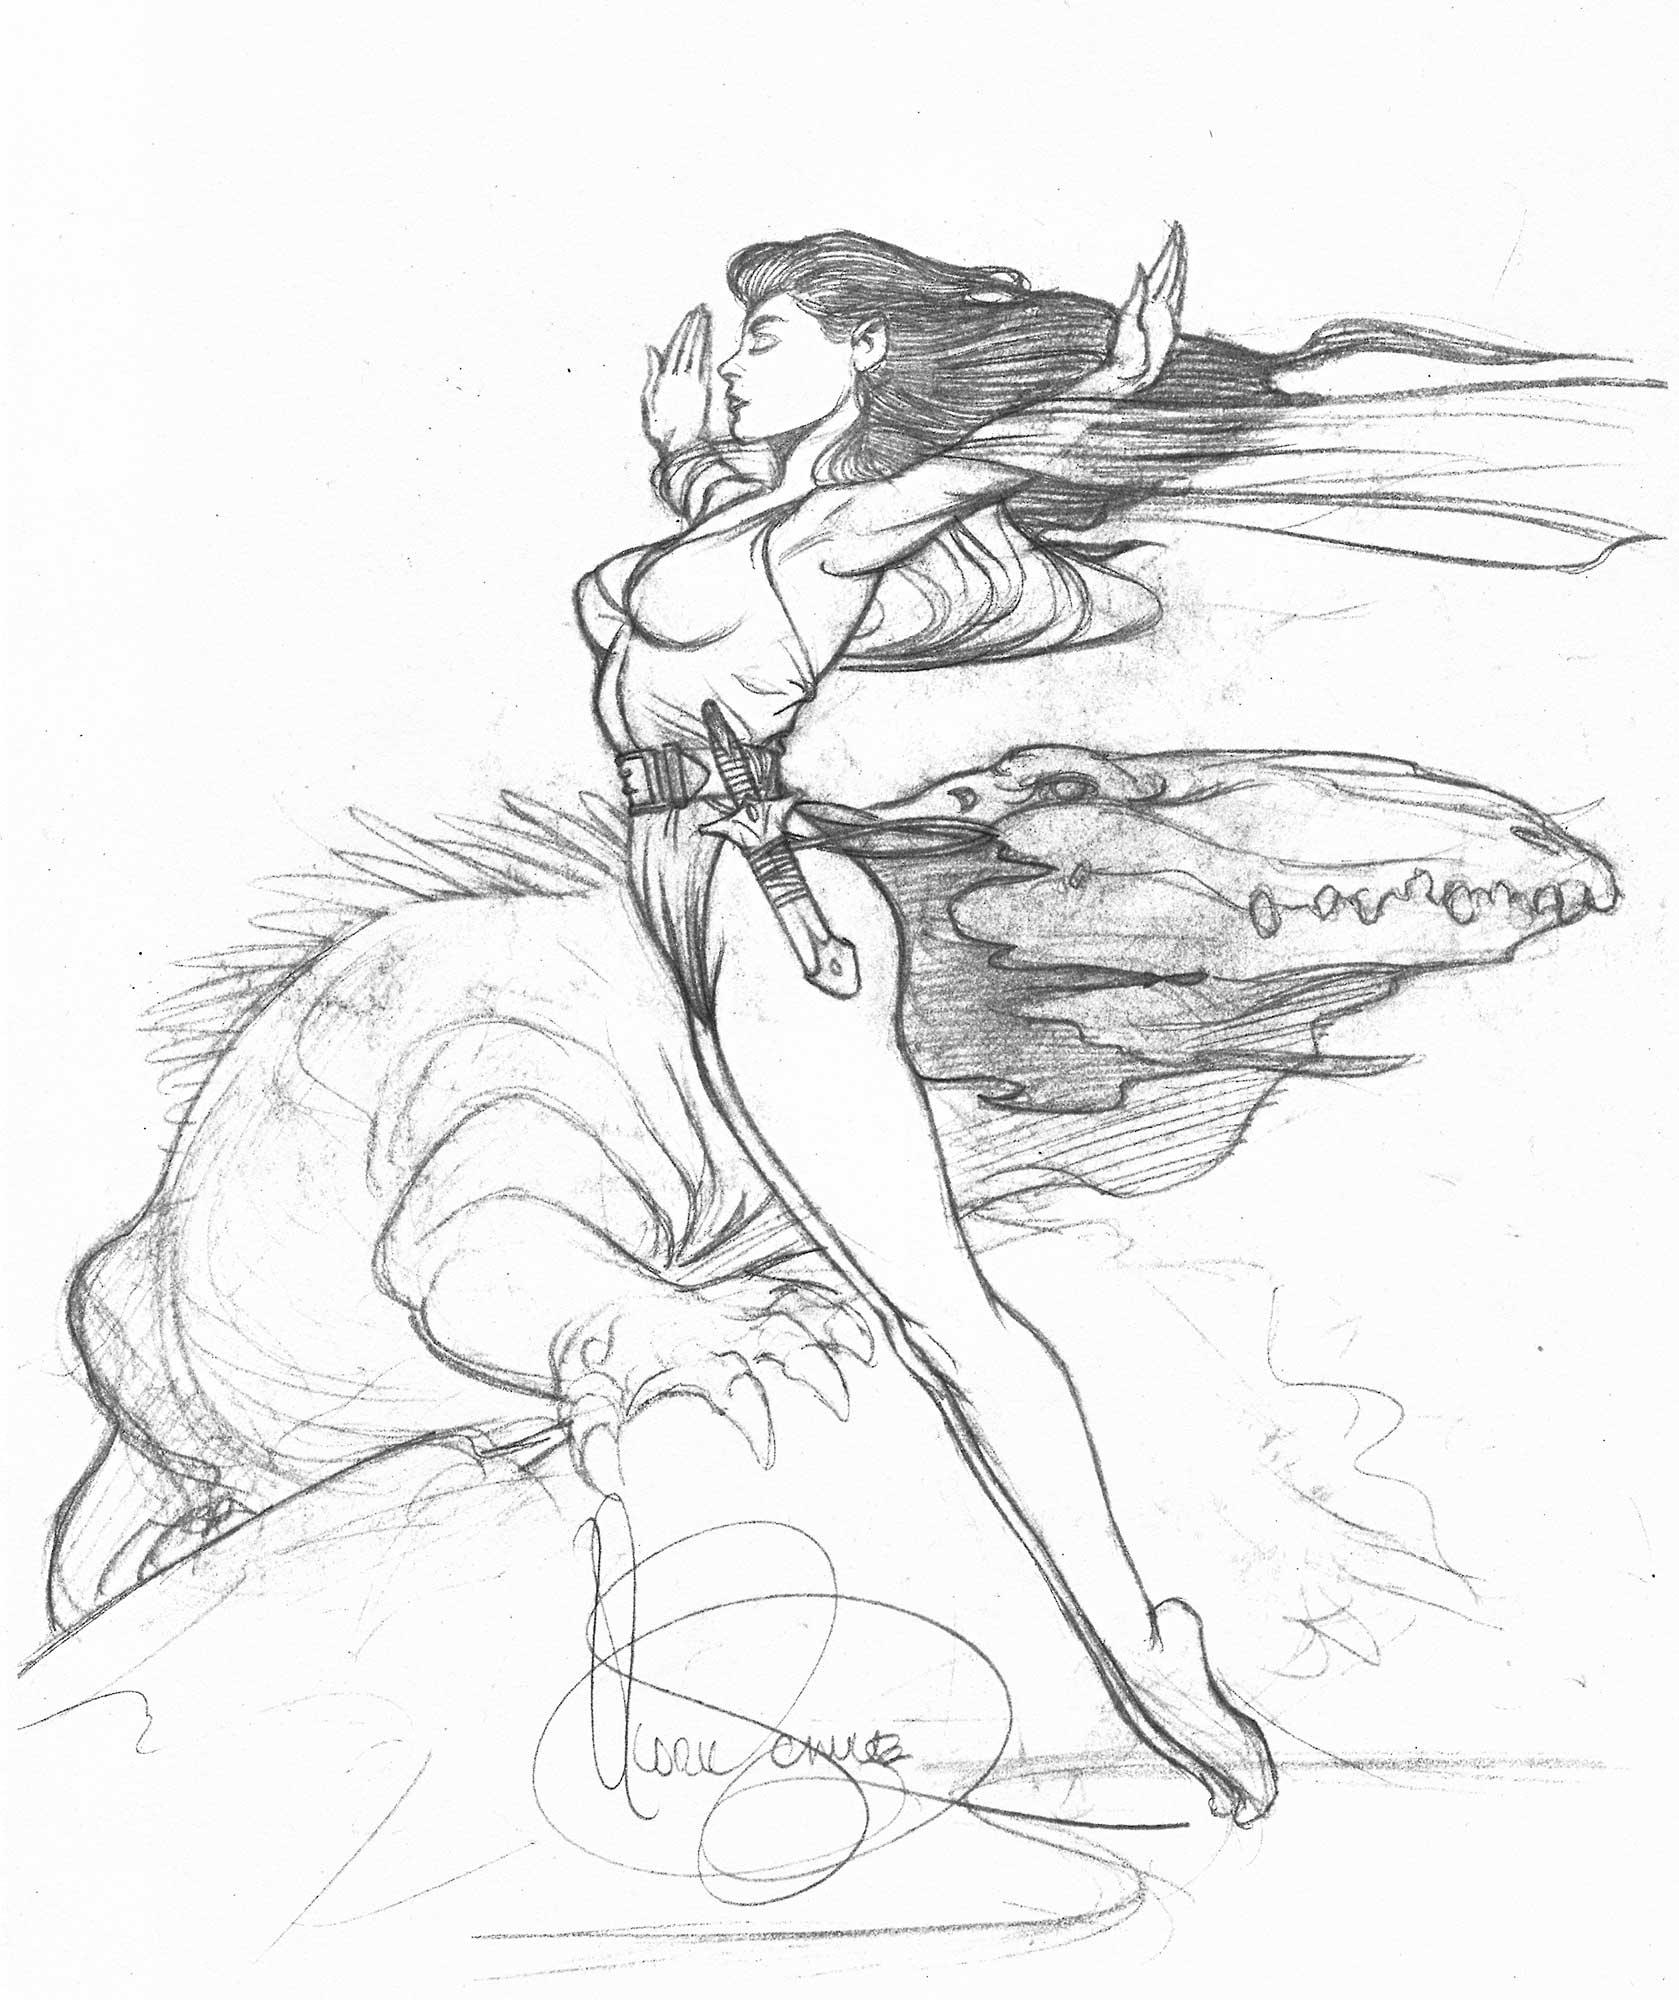 MARK SCHULTZ 1992 HANNAH DUNDEE ART Comic Art